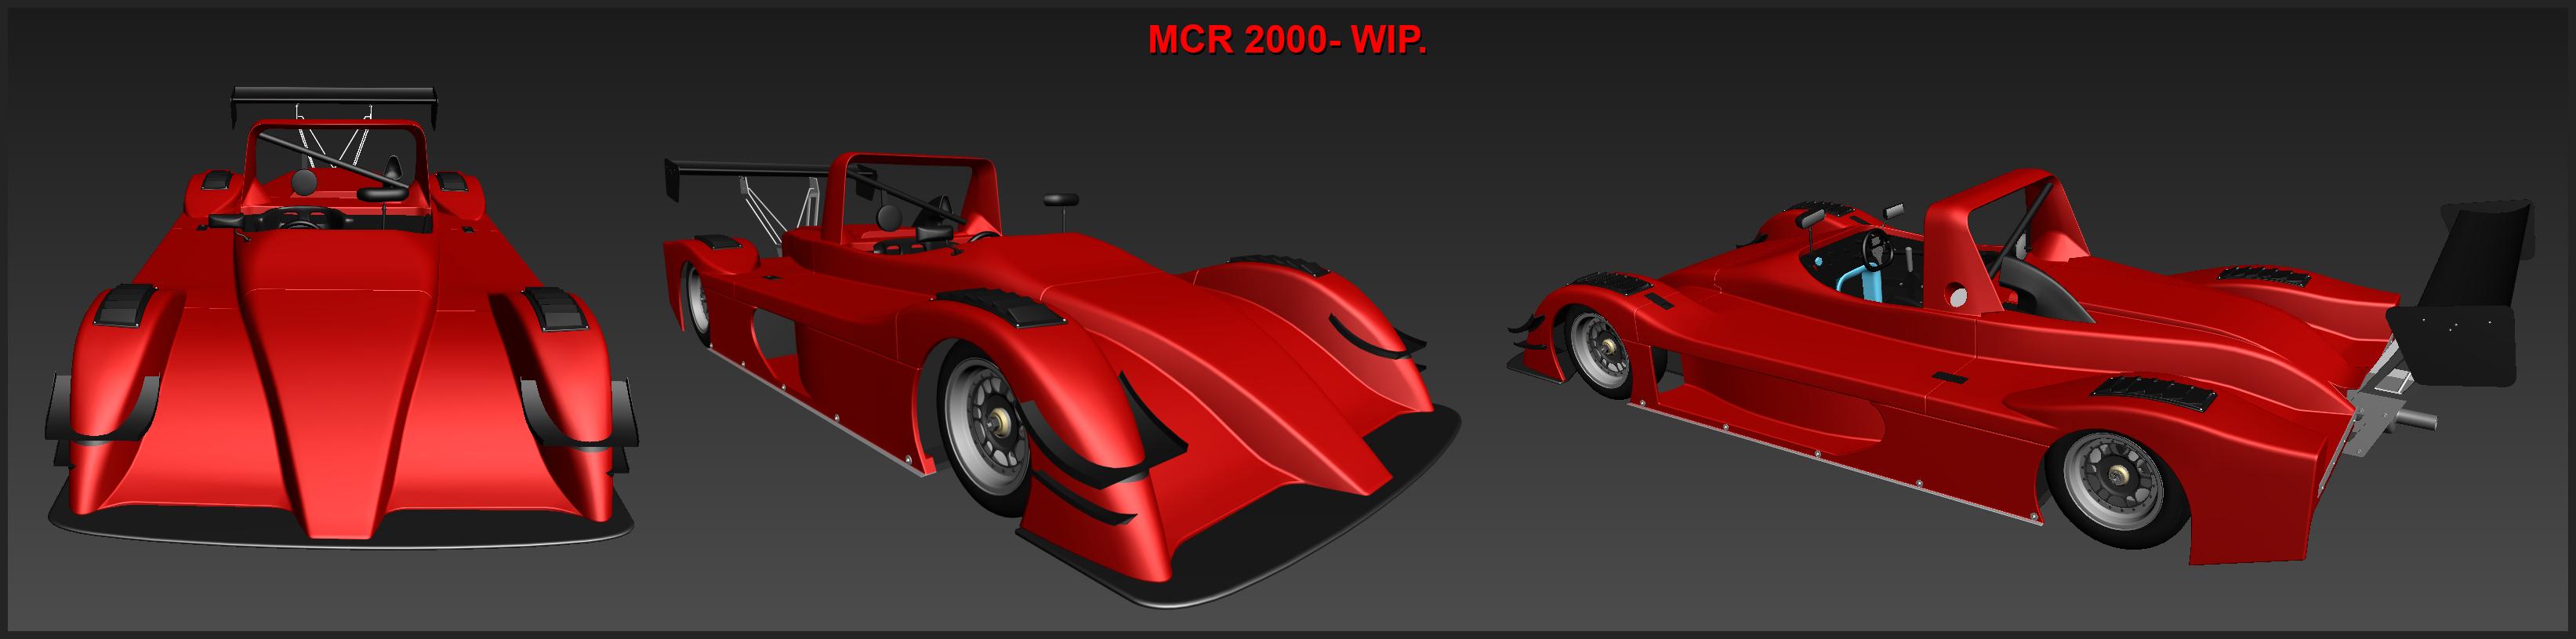 AMS - MCR-2000_WIP.jpg